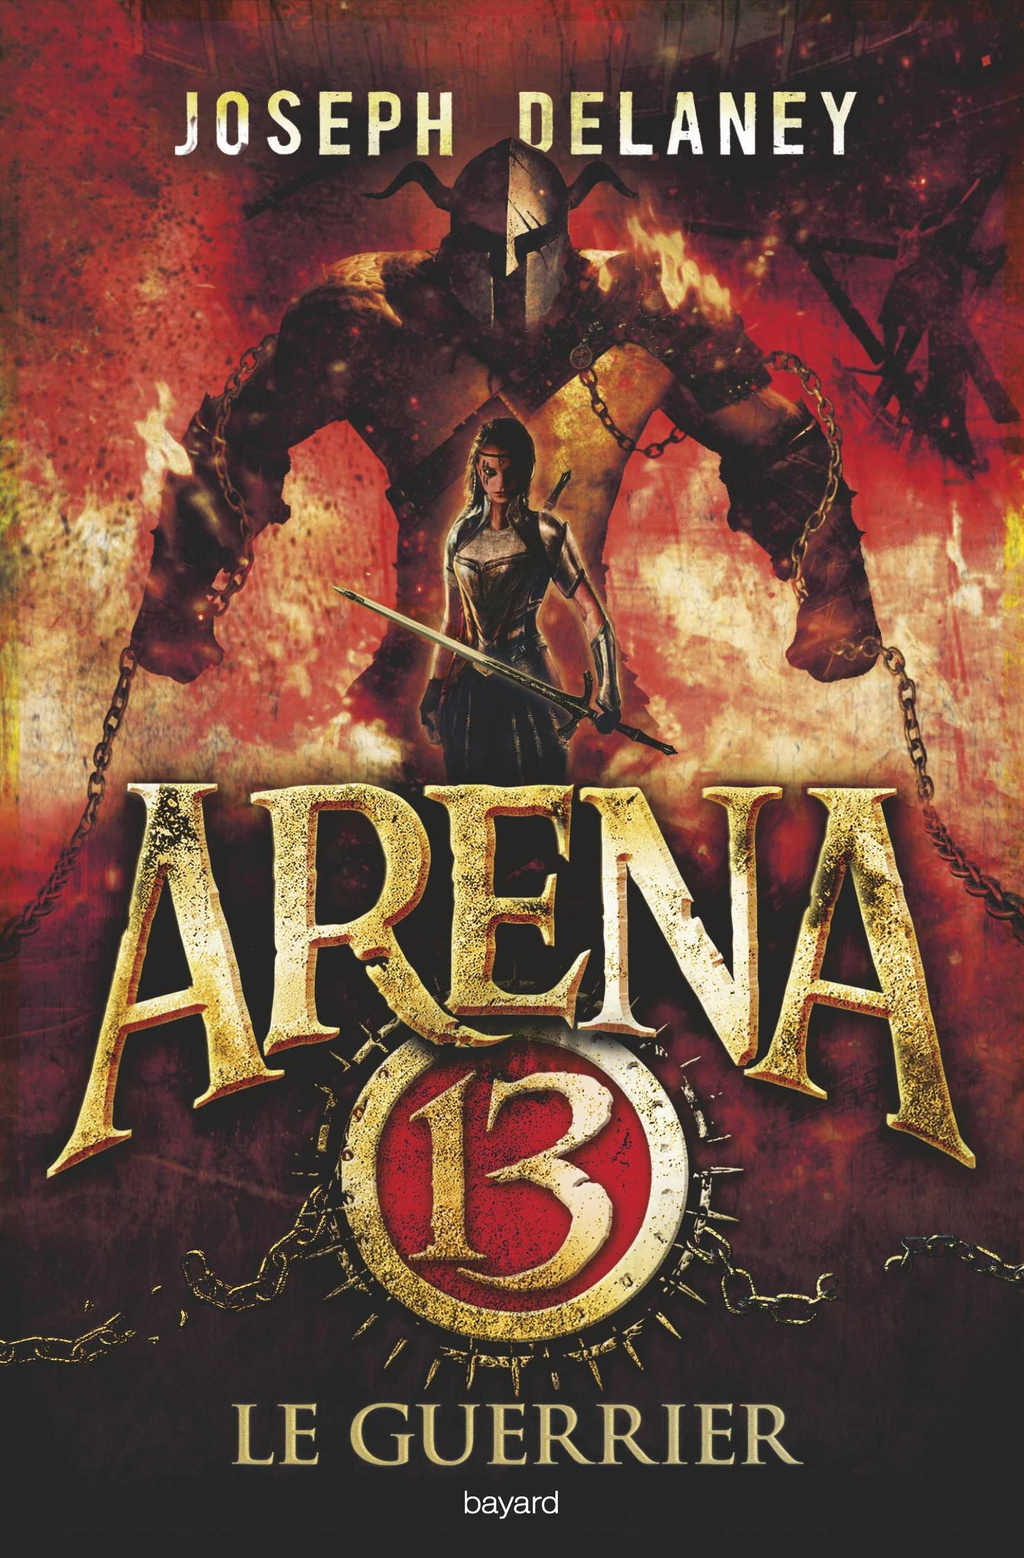 Image de l'article «Arena 13: Le guerrier de Joseph Delanay»